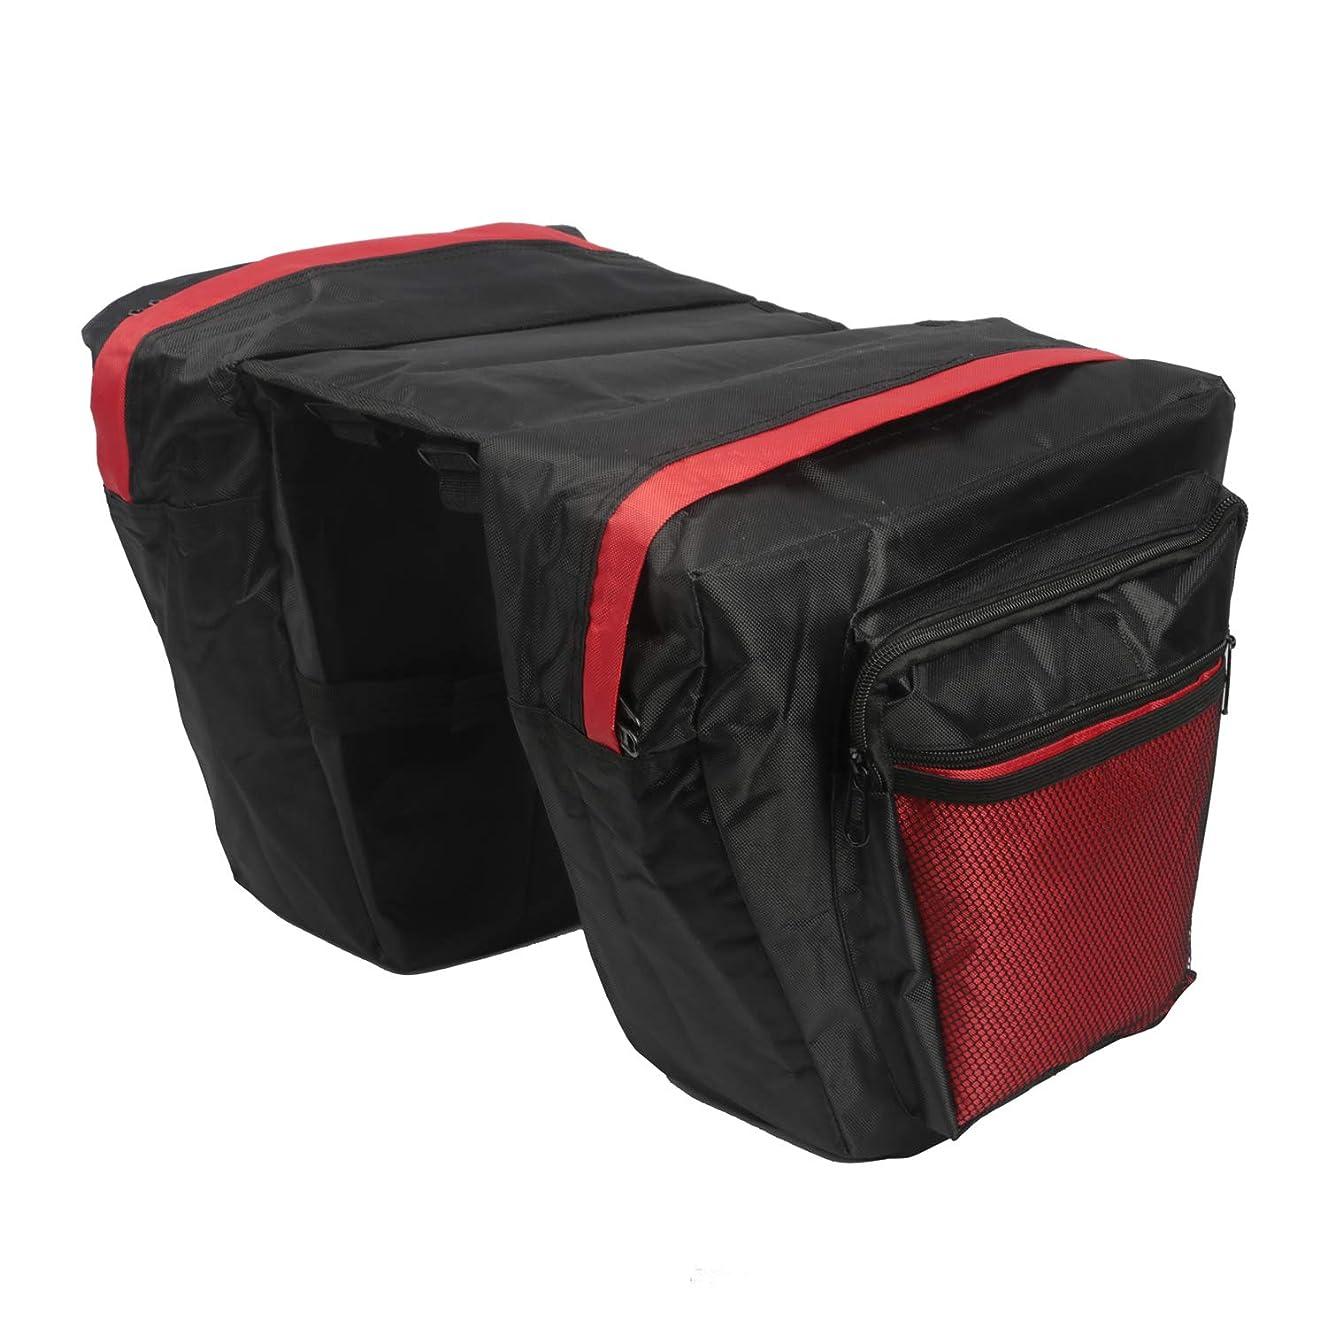 TOURBON Nylon Cycling Bike Bicycle Pannier Rear Rack Bag Double Shopping Storage